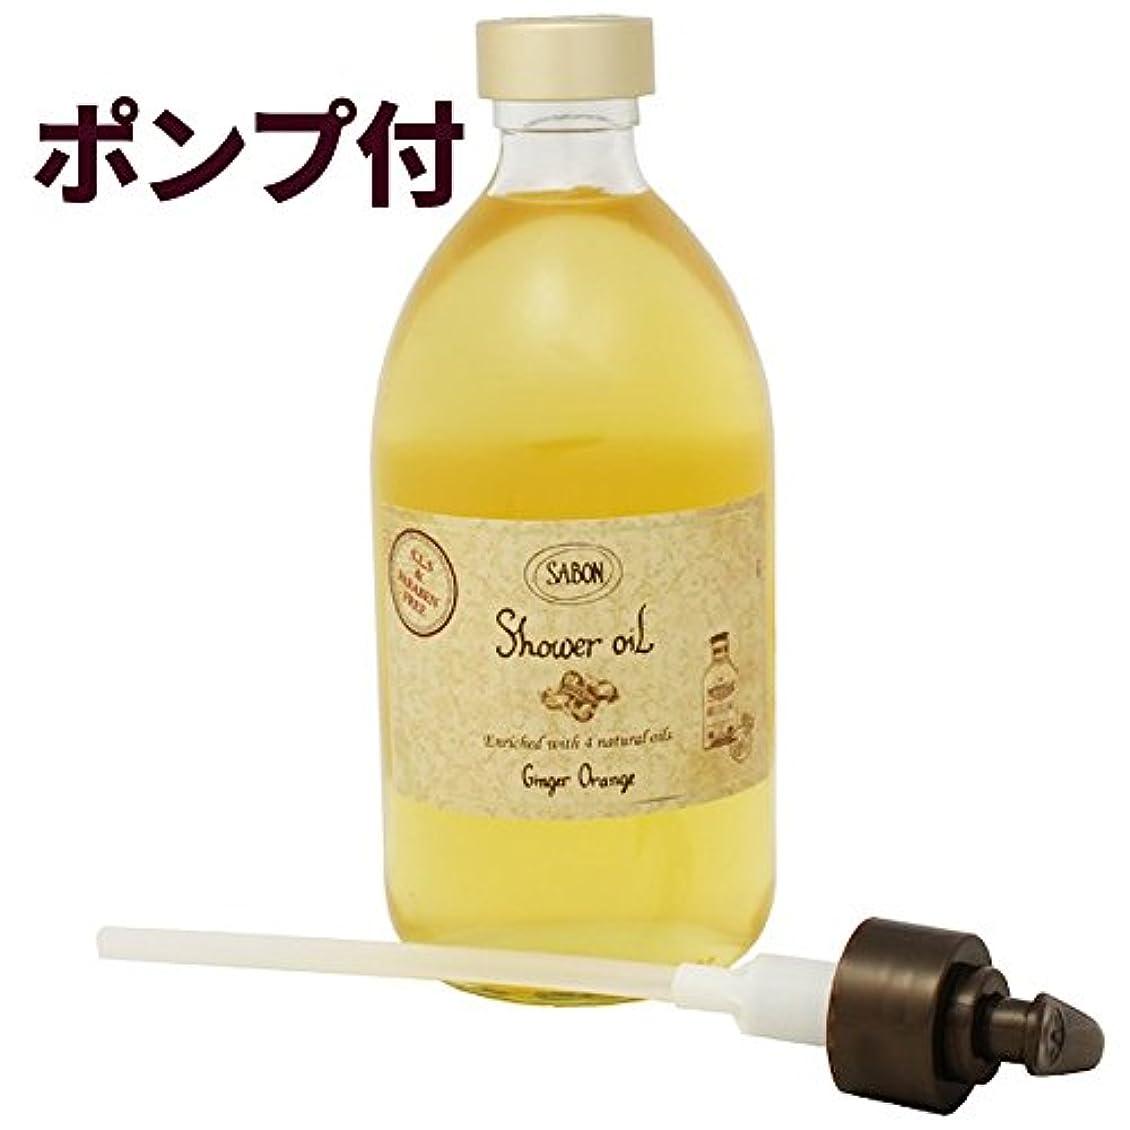 適合する革命ドライサボン シャワーオイル ジンジャーオレンジ 500ml(並行輸入品)